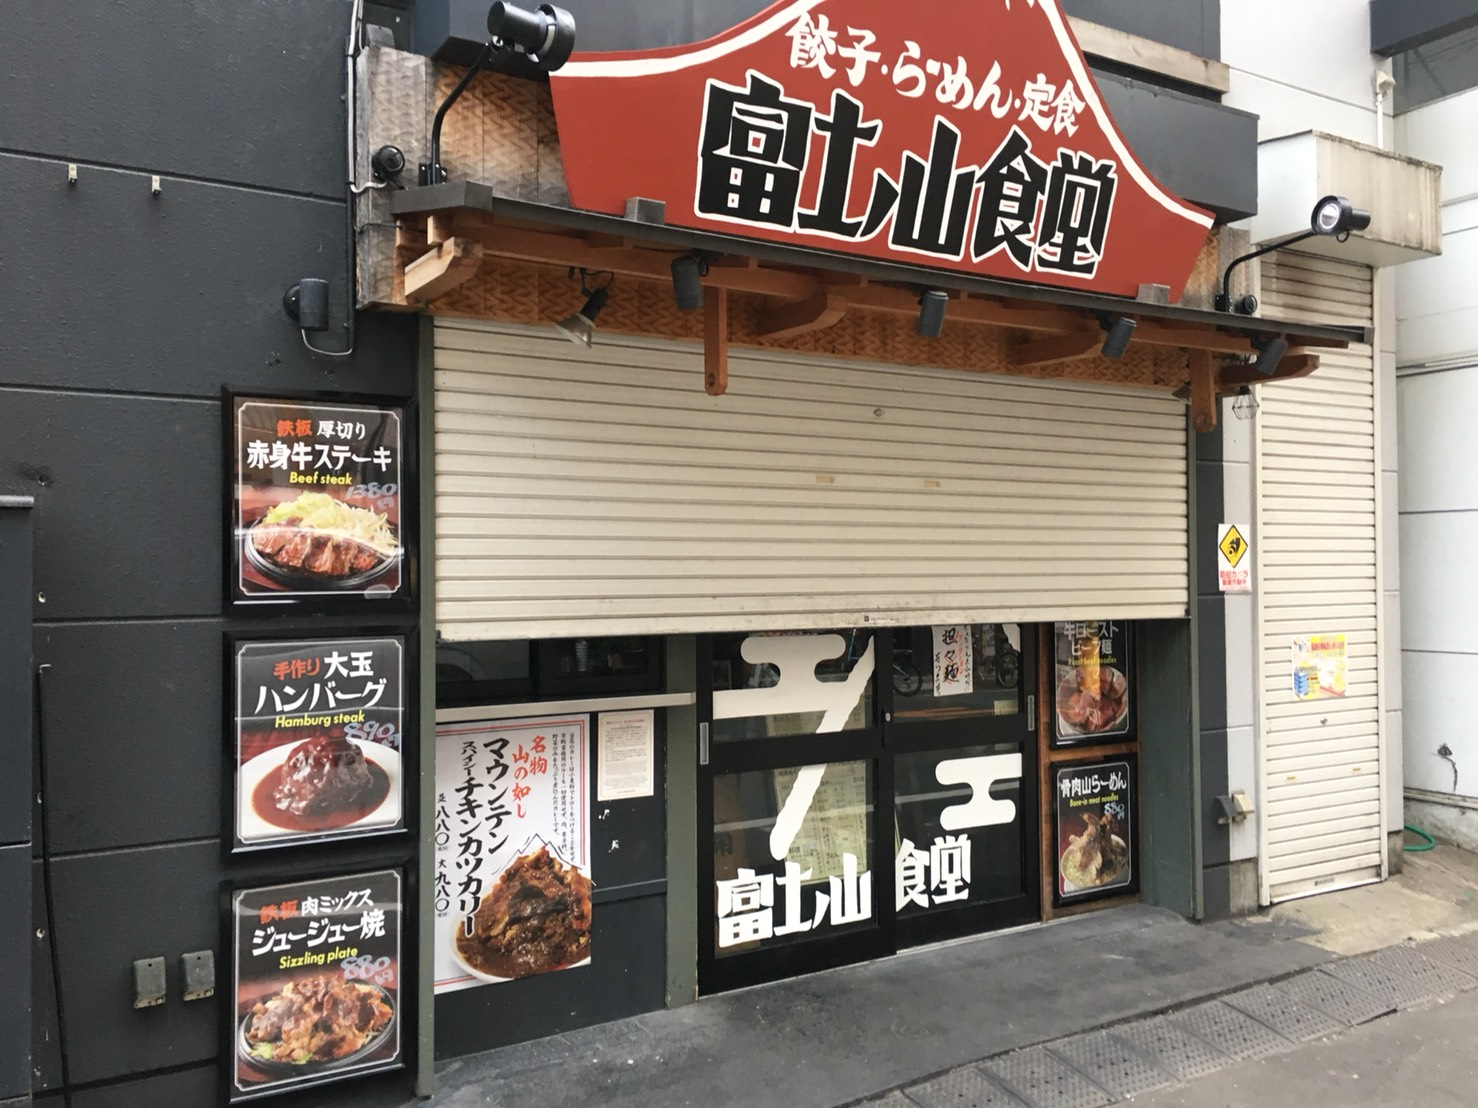 【大塚駅】肉も麺も餃子も焼き飯も!パンチ強めな男飯系がすごい「富士ノ山食堂」